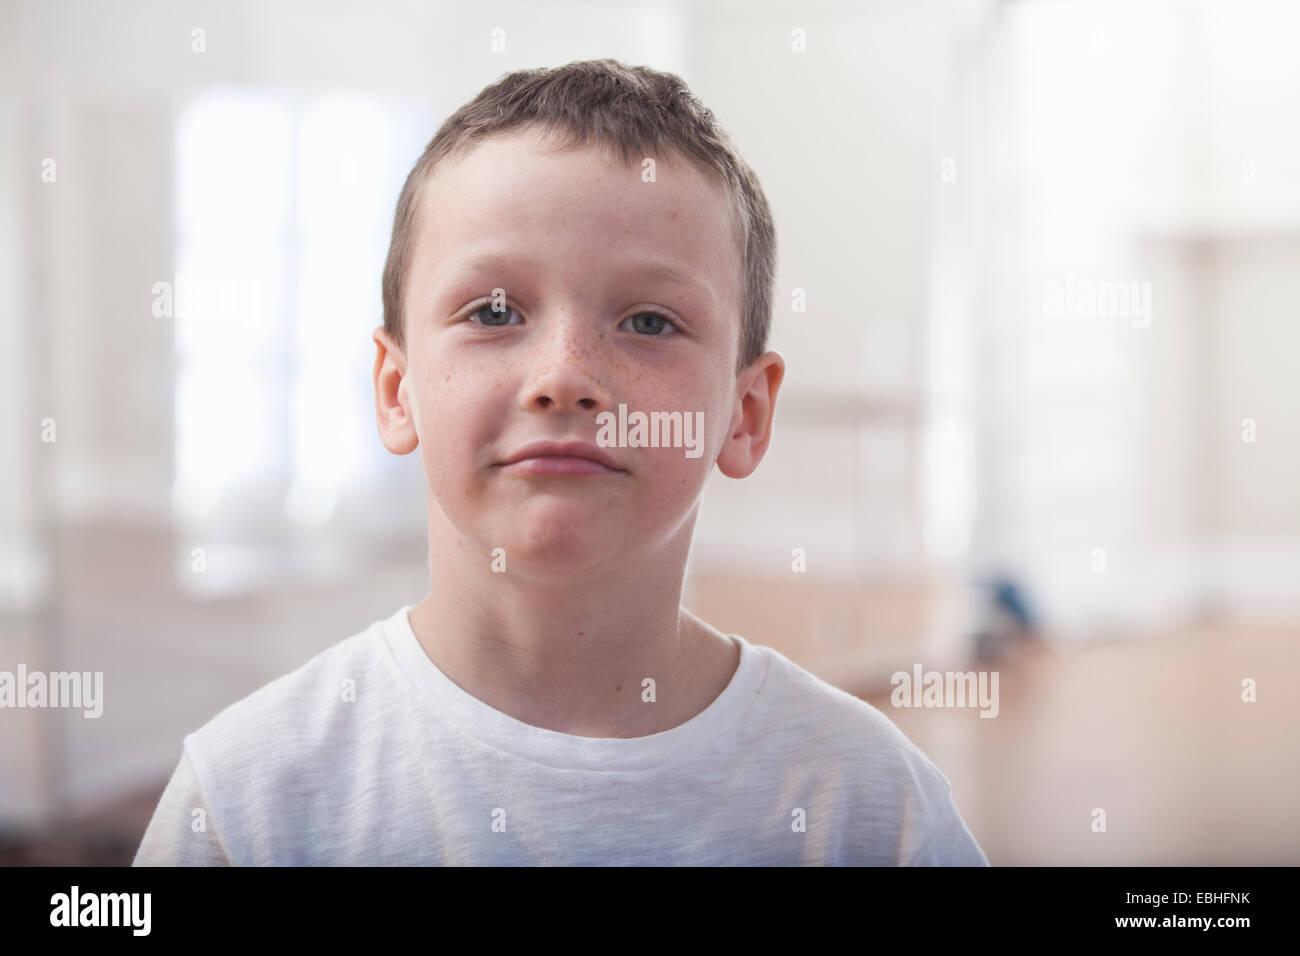 Ritratto di ragazzo nella scuola di danza Immagini Stock